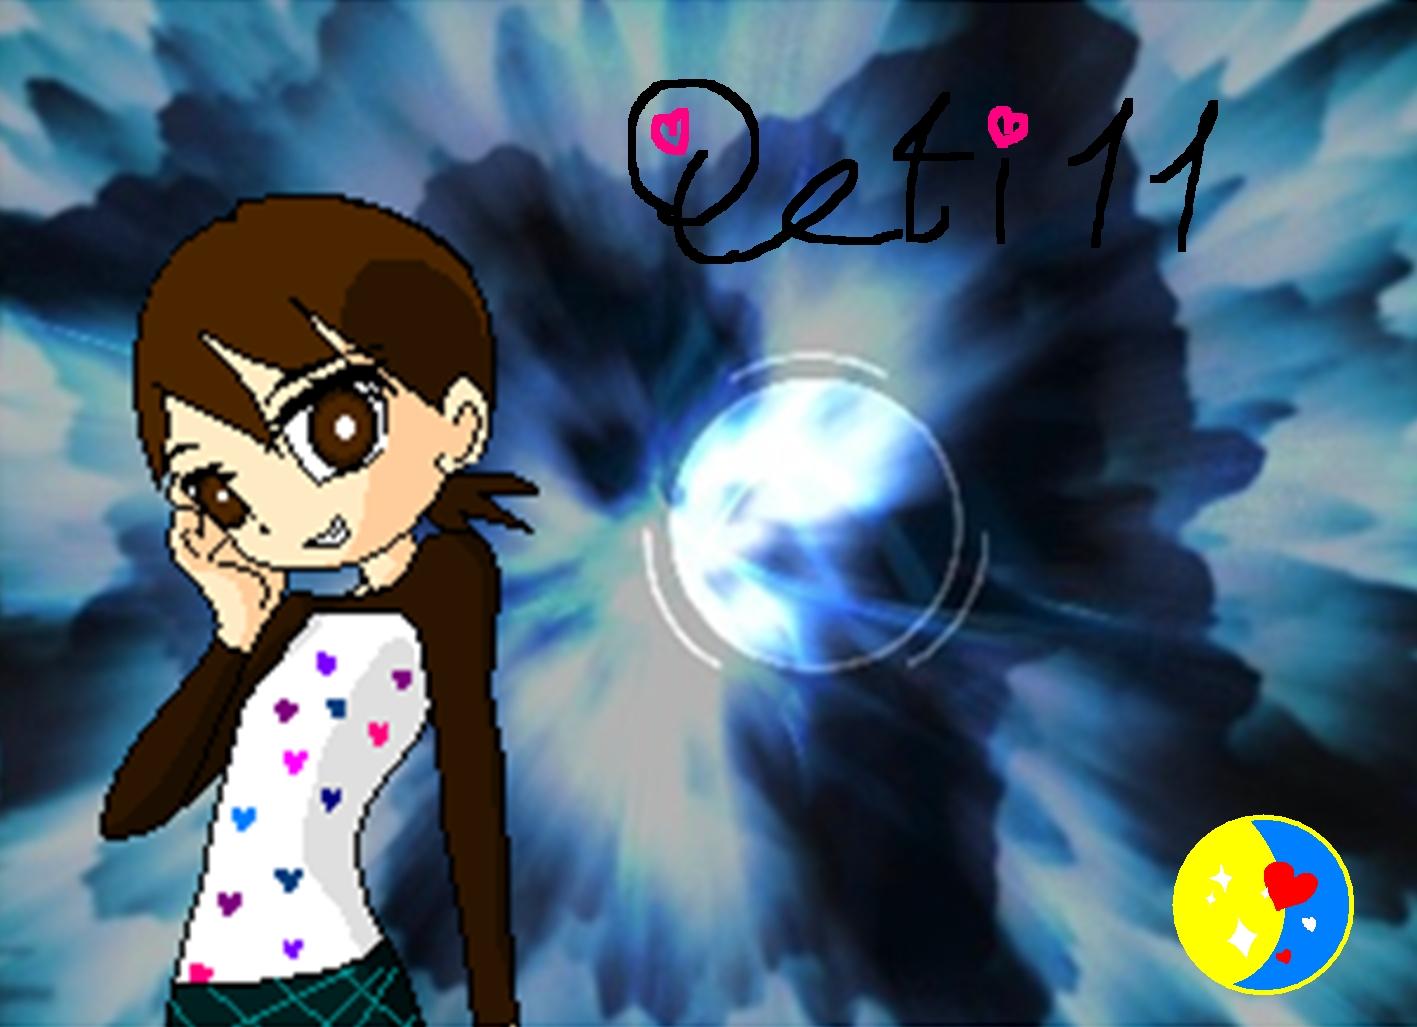 Qeti11 wallpaper   tato blossom and qeti11 Photo 25594827 1417x1027